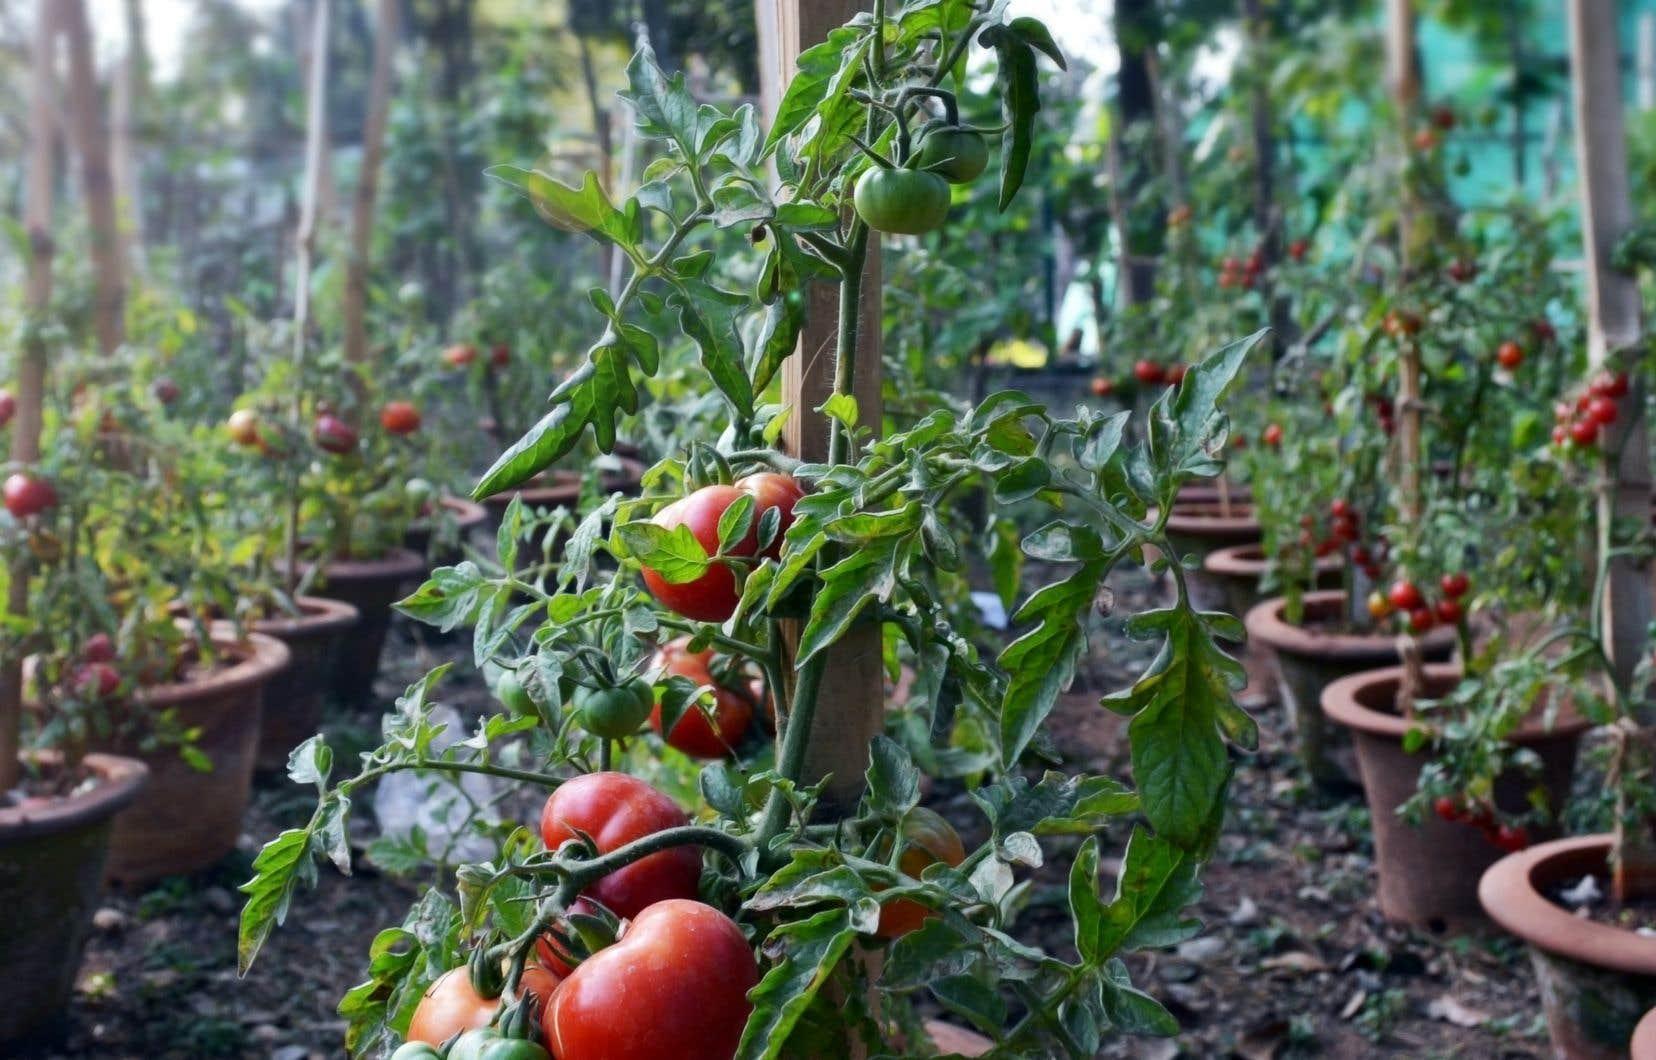 Les plantes qu'on a entretenues avec soin amorcent leur déclin, particulièrement celles qui ont besoin de chaleur, comme les tomates.